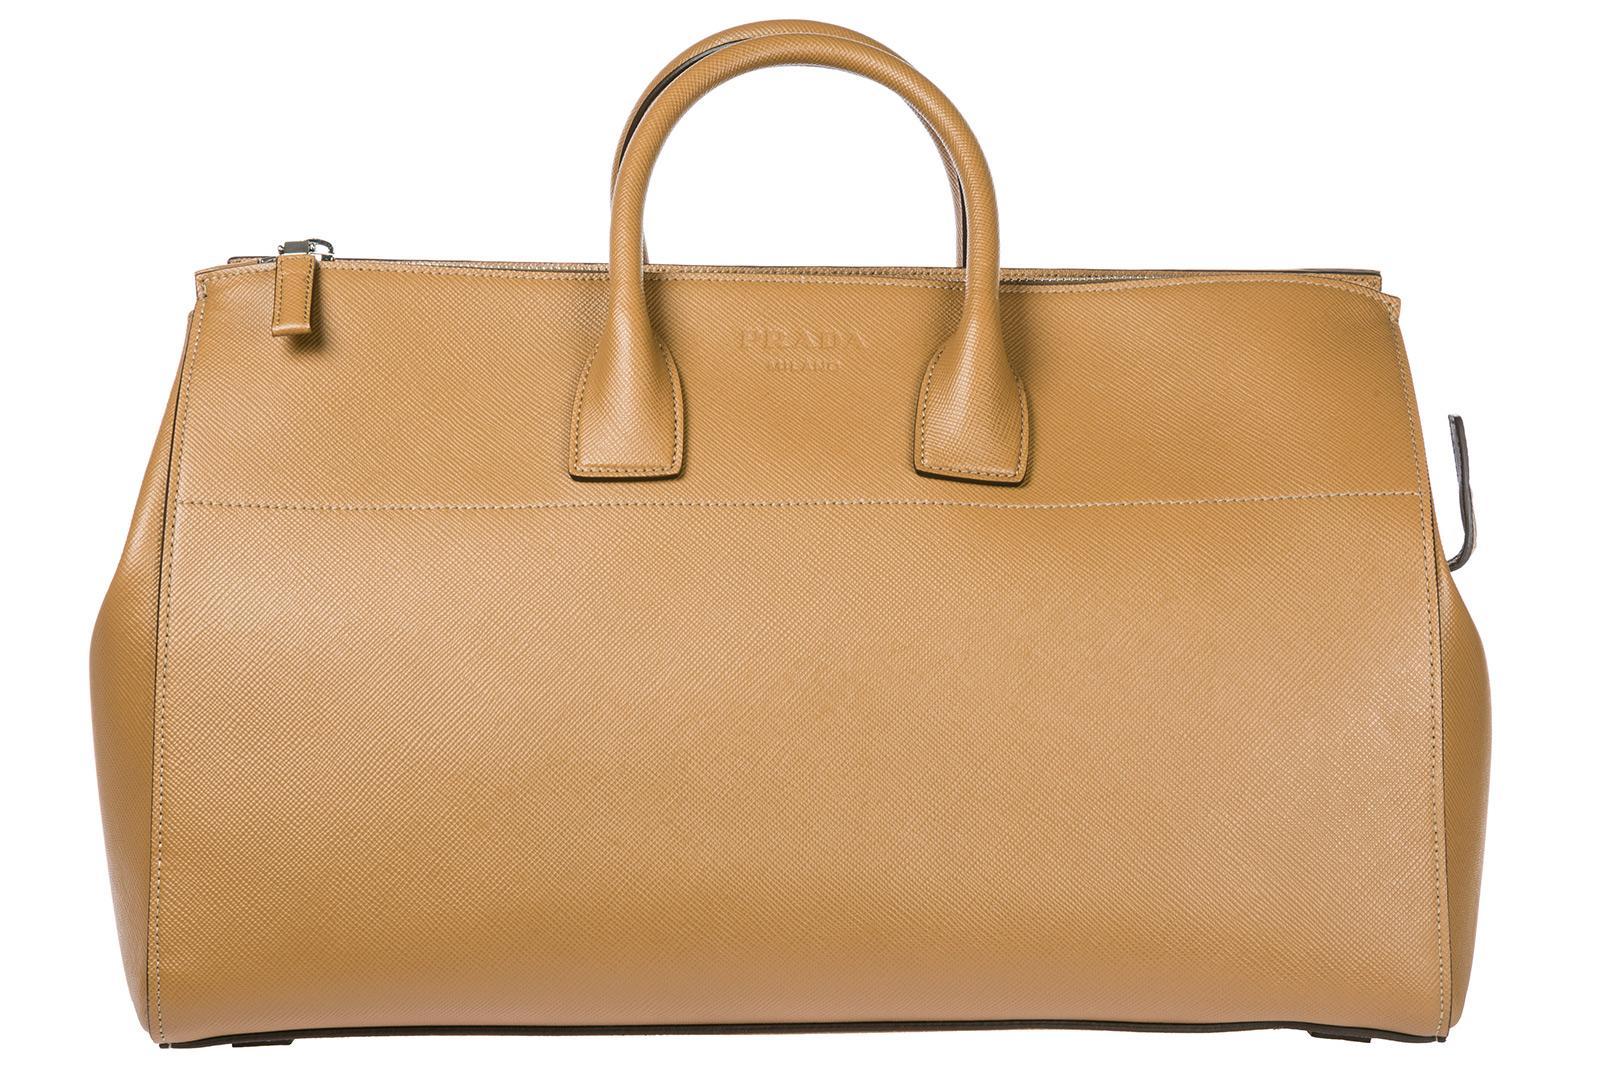 Prada Travel Duffle Weekend Shoulder Bag In Brown